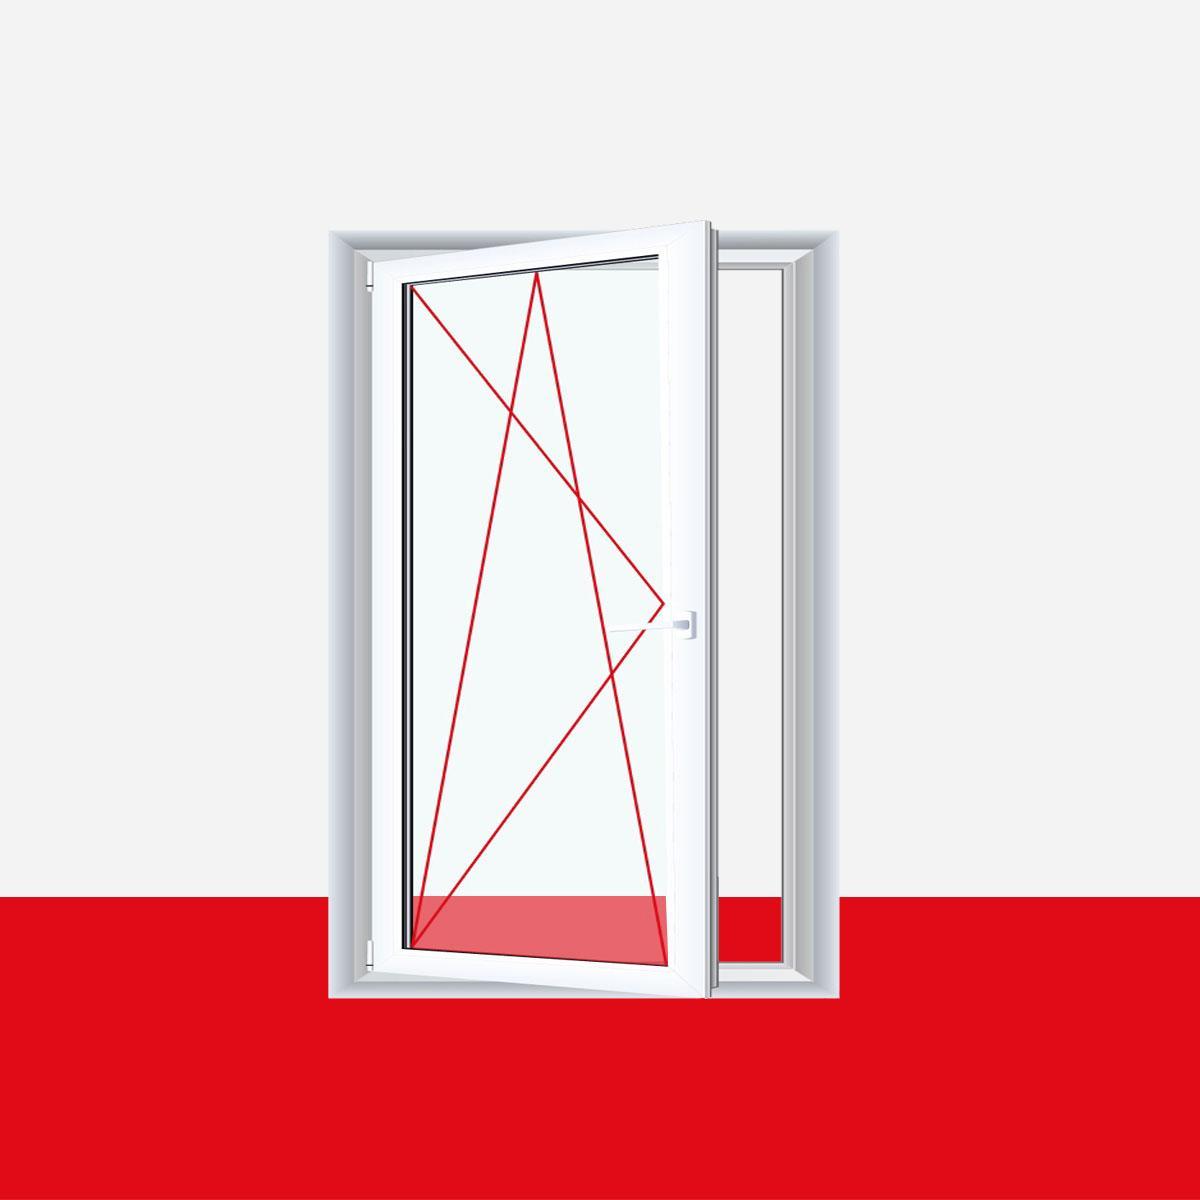 Fenster silvit 1 flg dreh kipp kunststofffenster - Fenster auf kipp ...